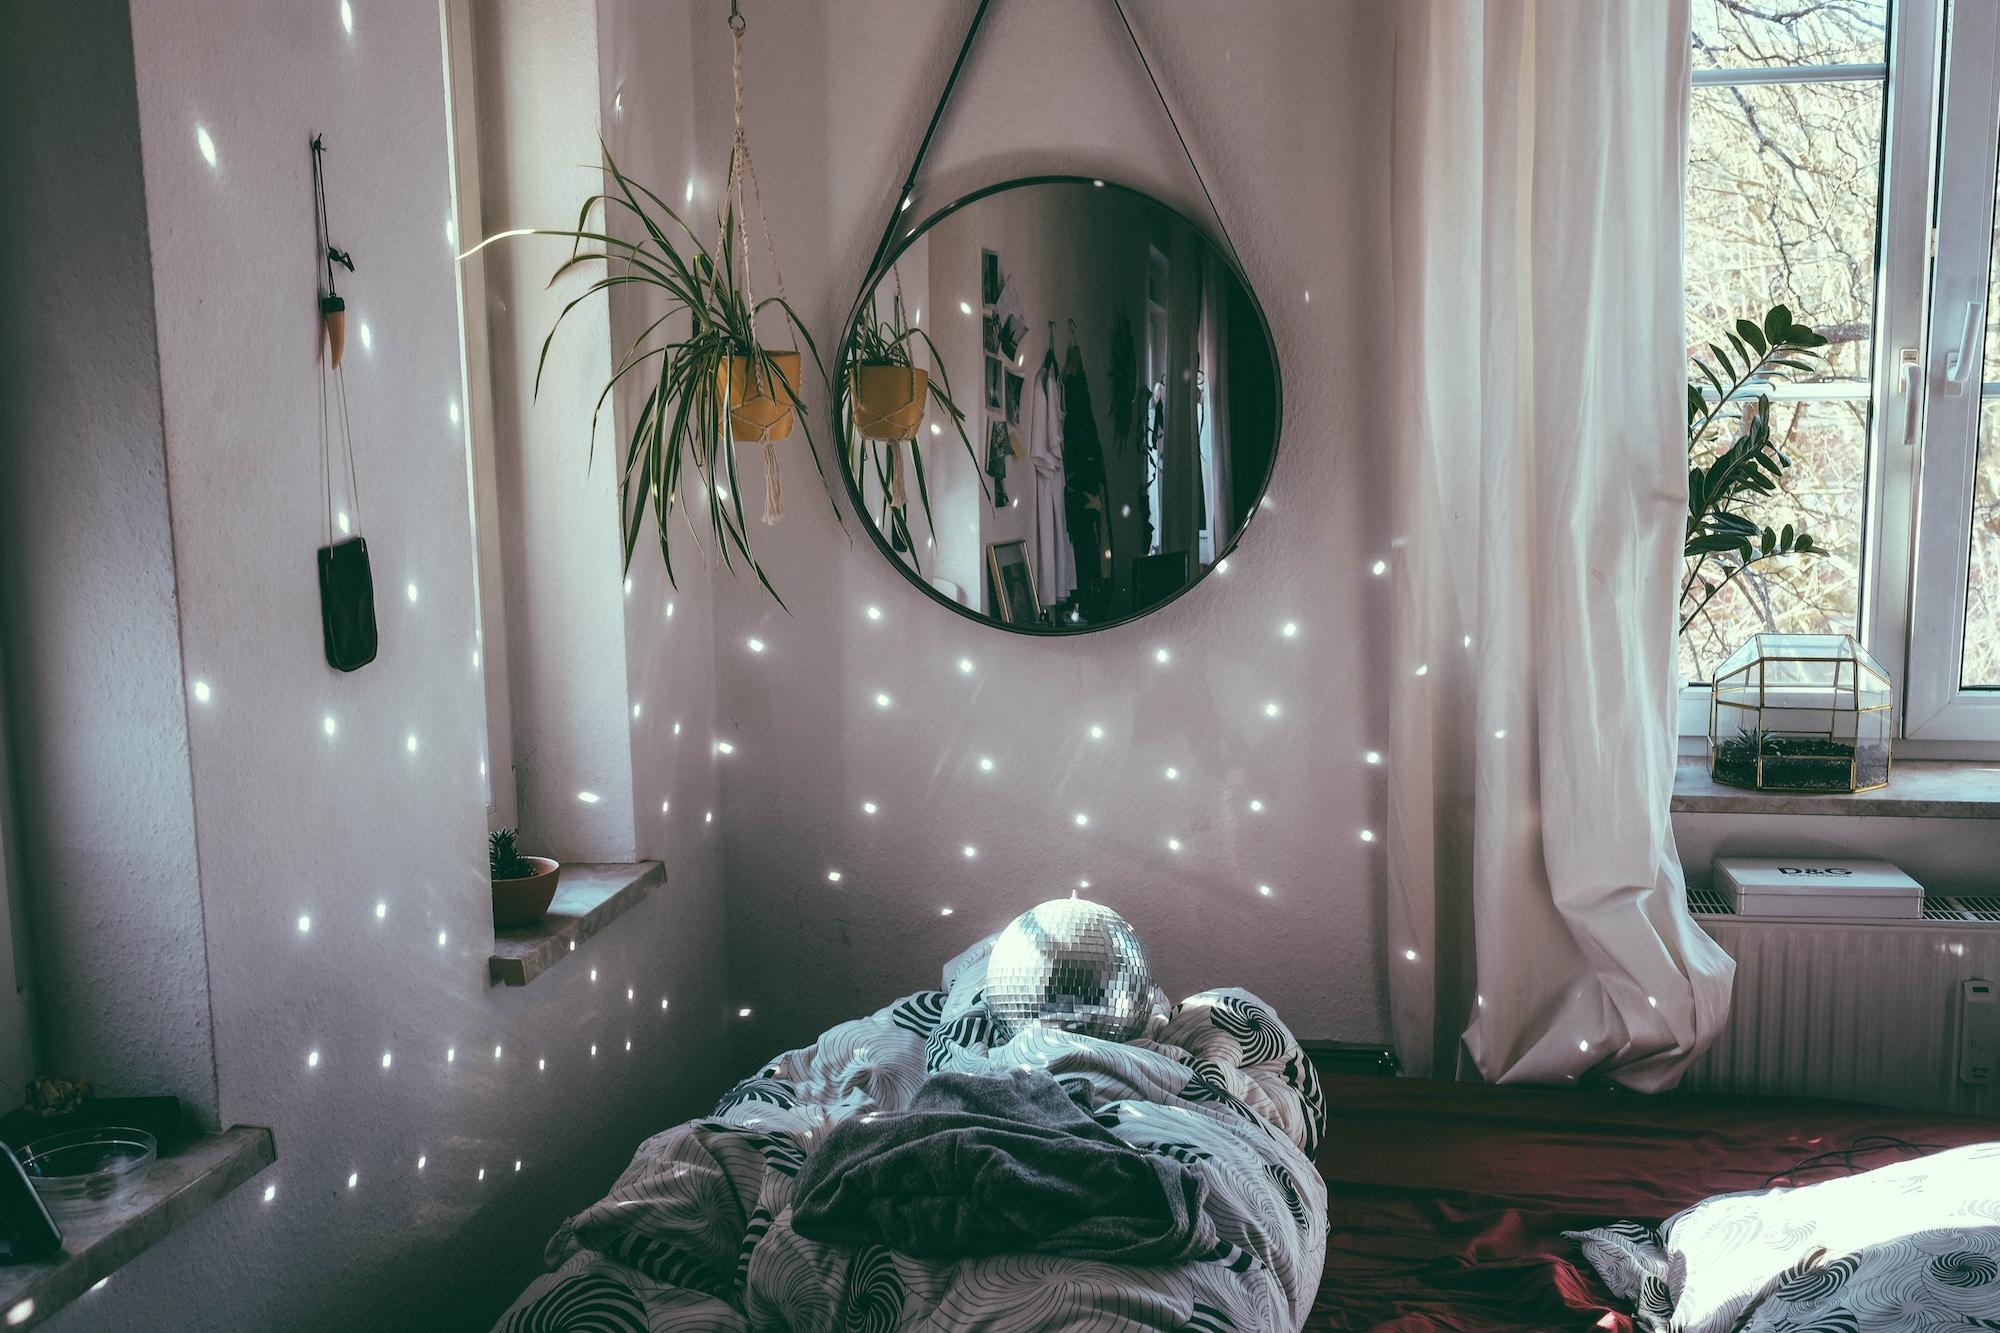 Slaapkamer inrichten in 4 simpele stappen naar een leuke en fortabele kamer ⋆ Budg€tproof